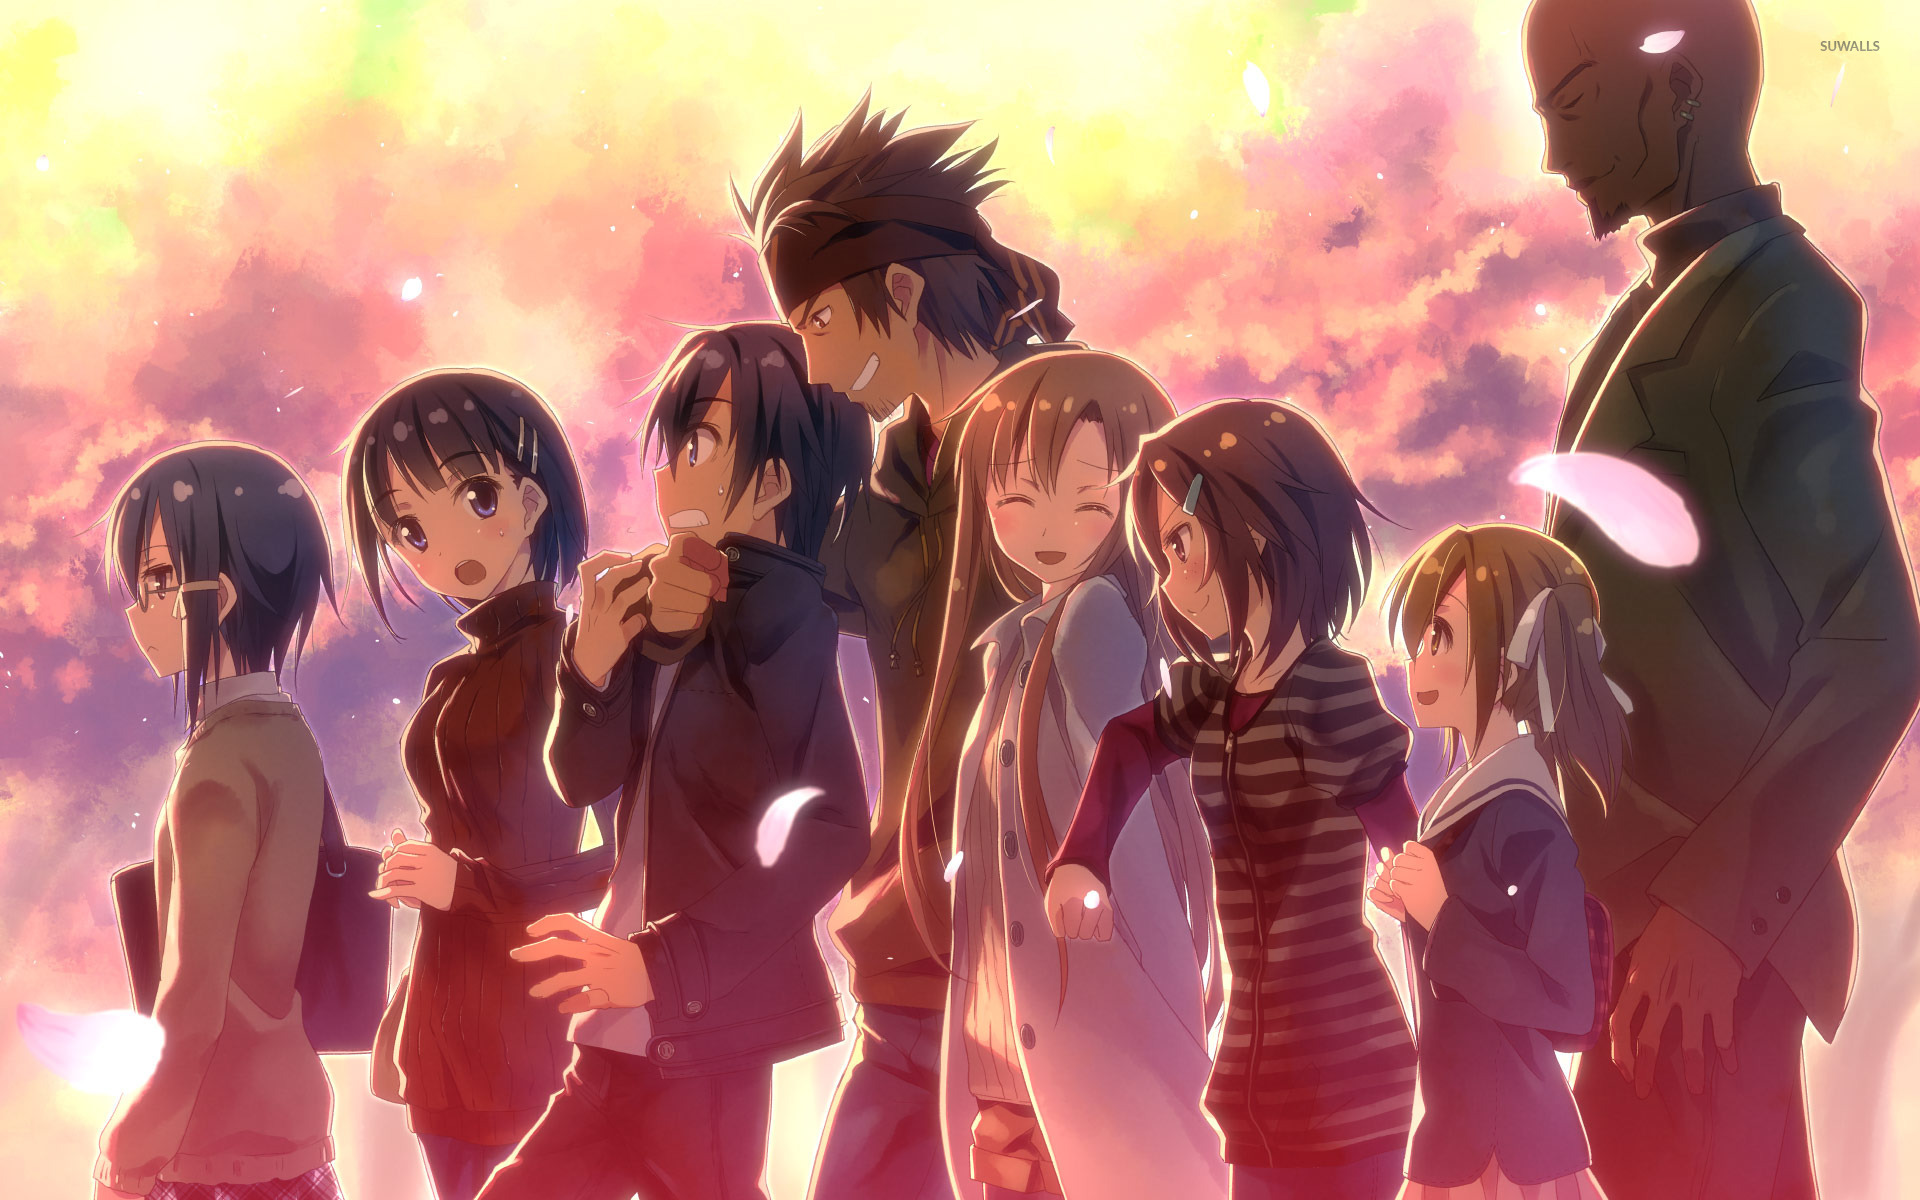 Sword Art Online Ii Wallpaper Anime Wallpapers 31679